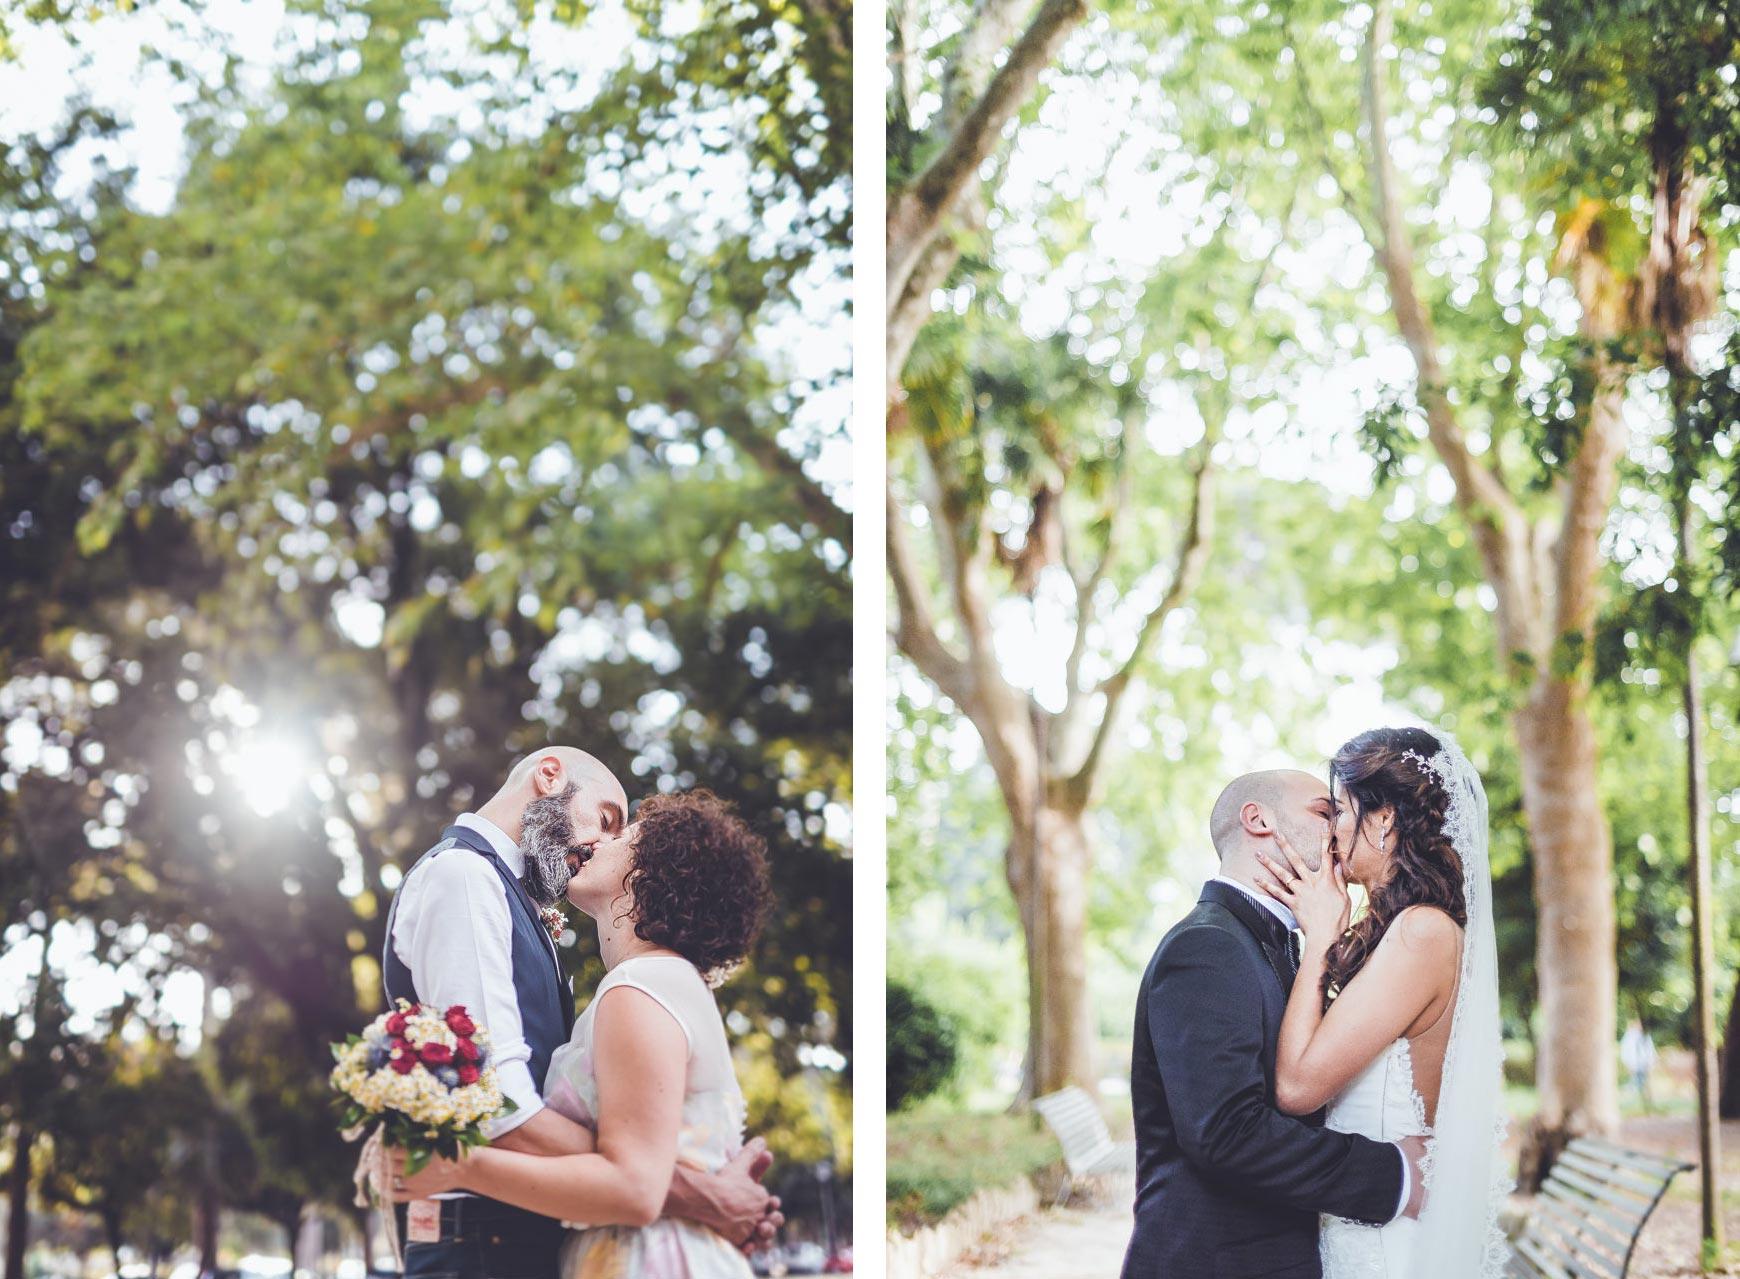 foto-ritratti-matrimonio-roma-15